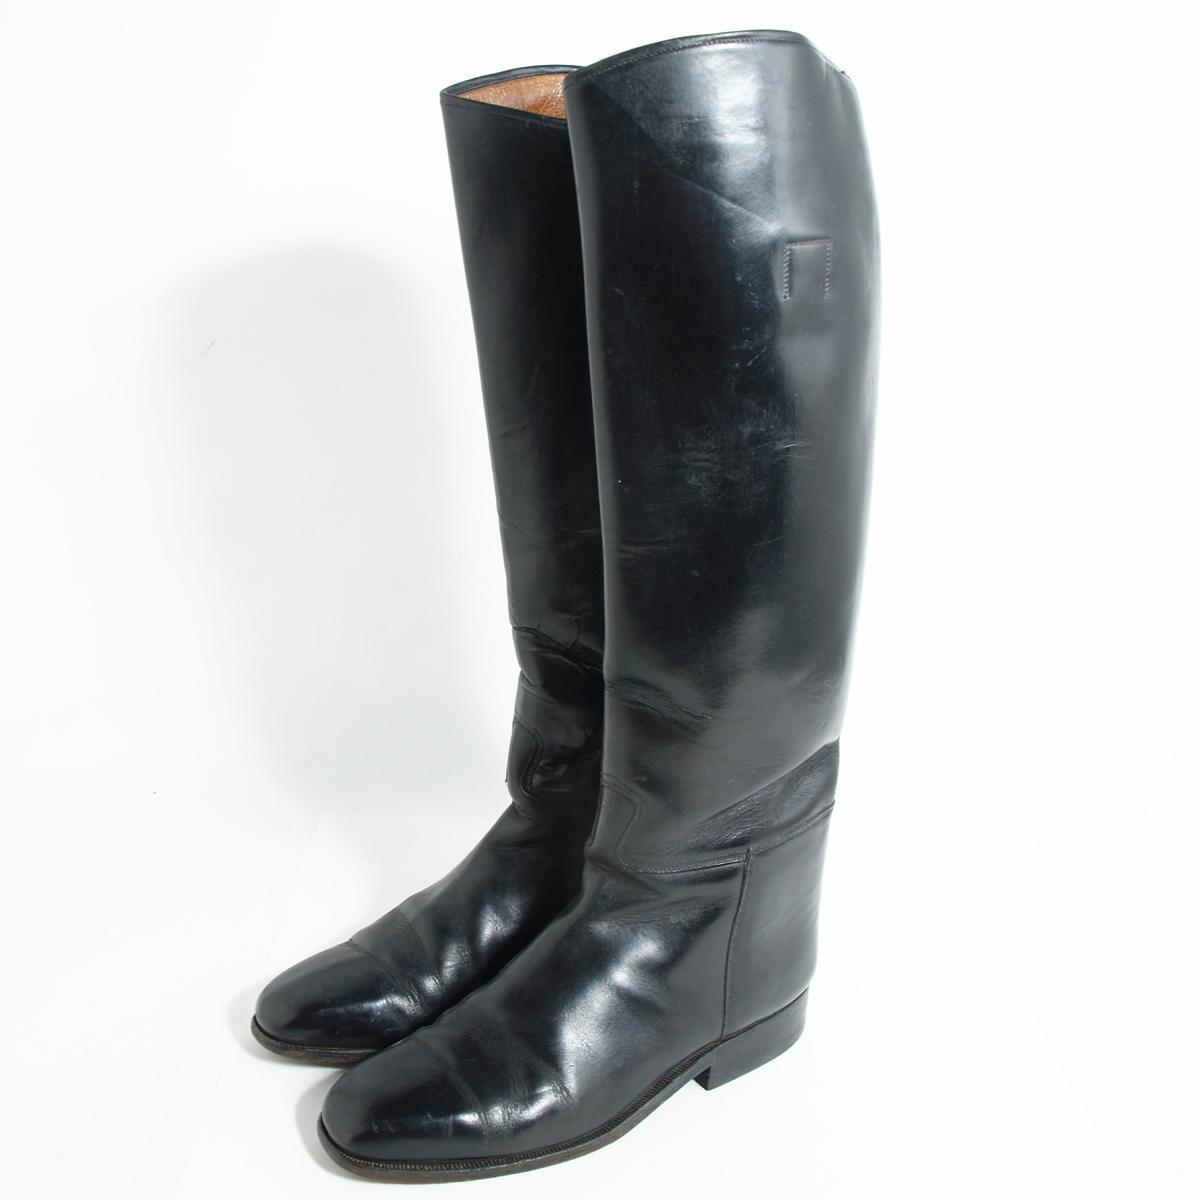 ジョッキー乗馬ブーツ 5 レディース23.0cm /boj4948 【中古】【古着屋JAM】 160916【SS1903】